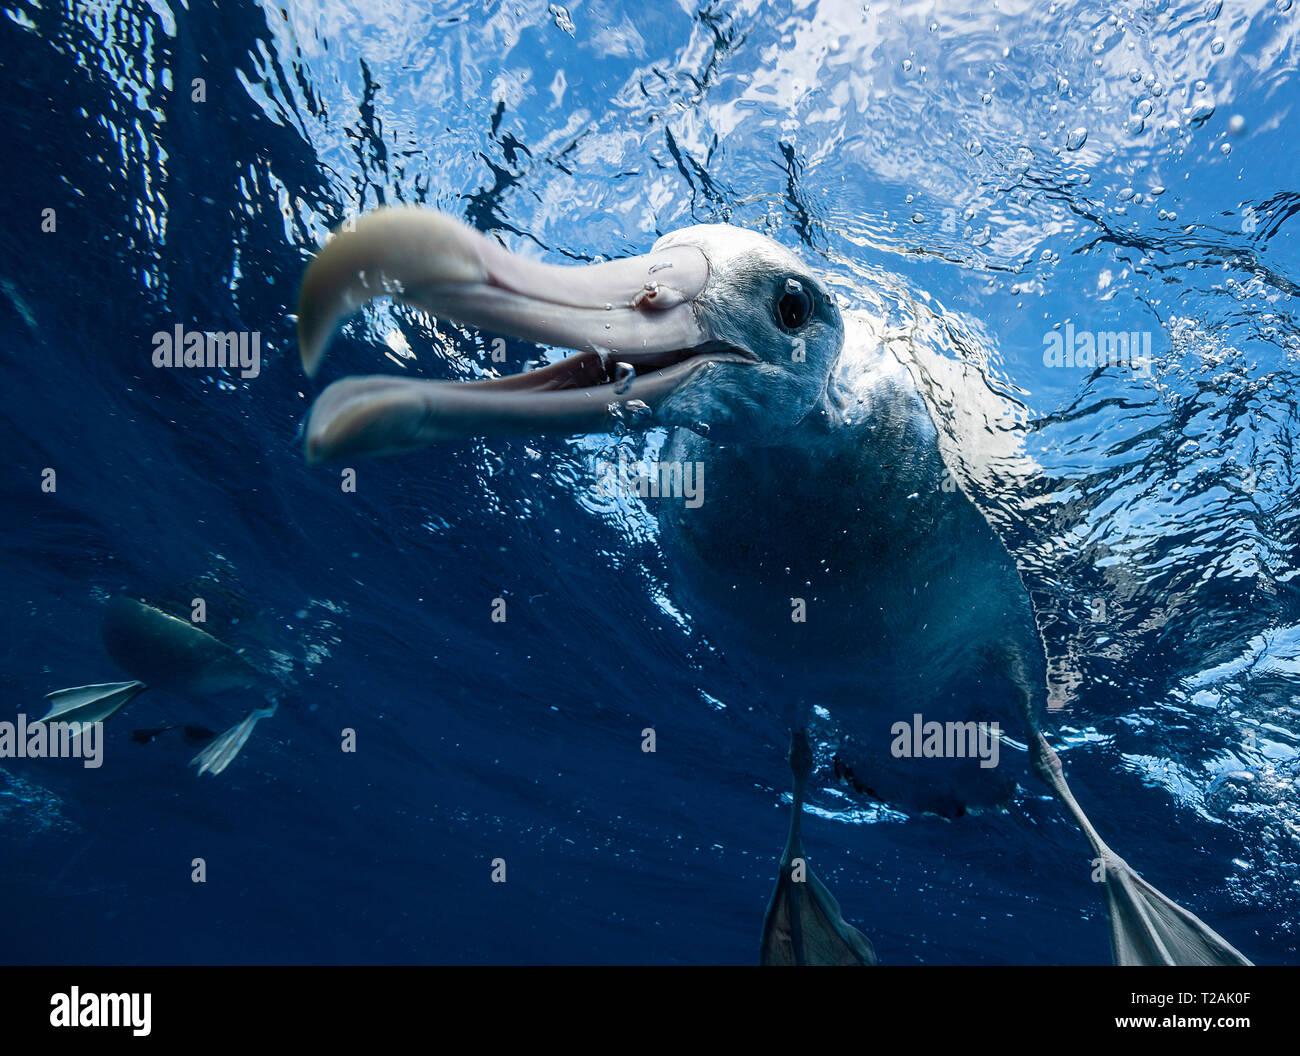 Antipodean albatross looking underwater, Pacific Ocean, North Island, New Zealand. - Stock Image